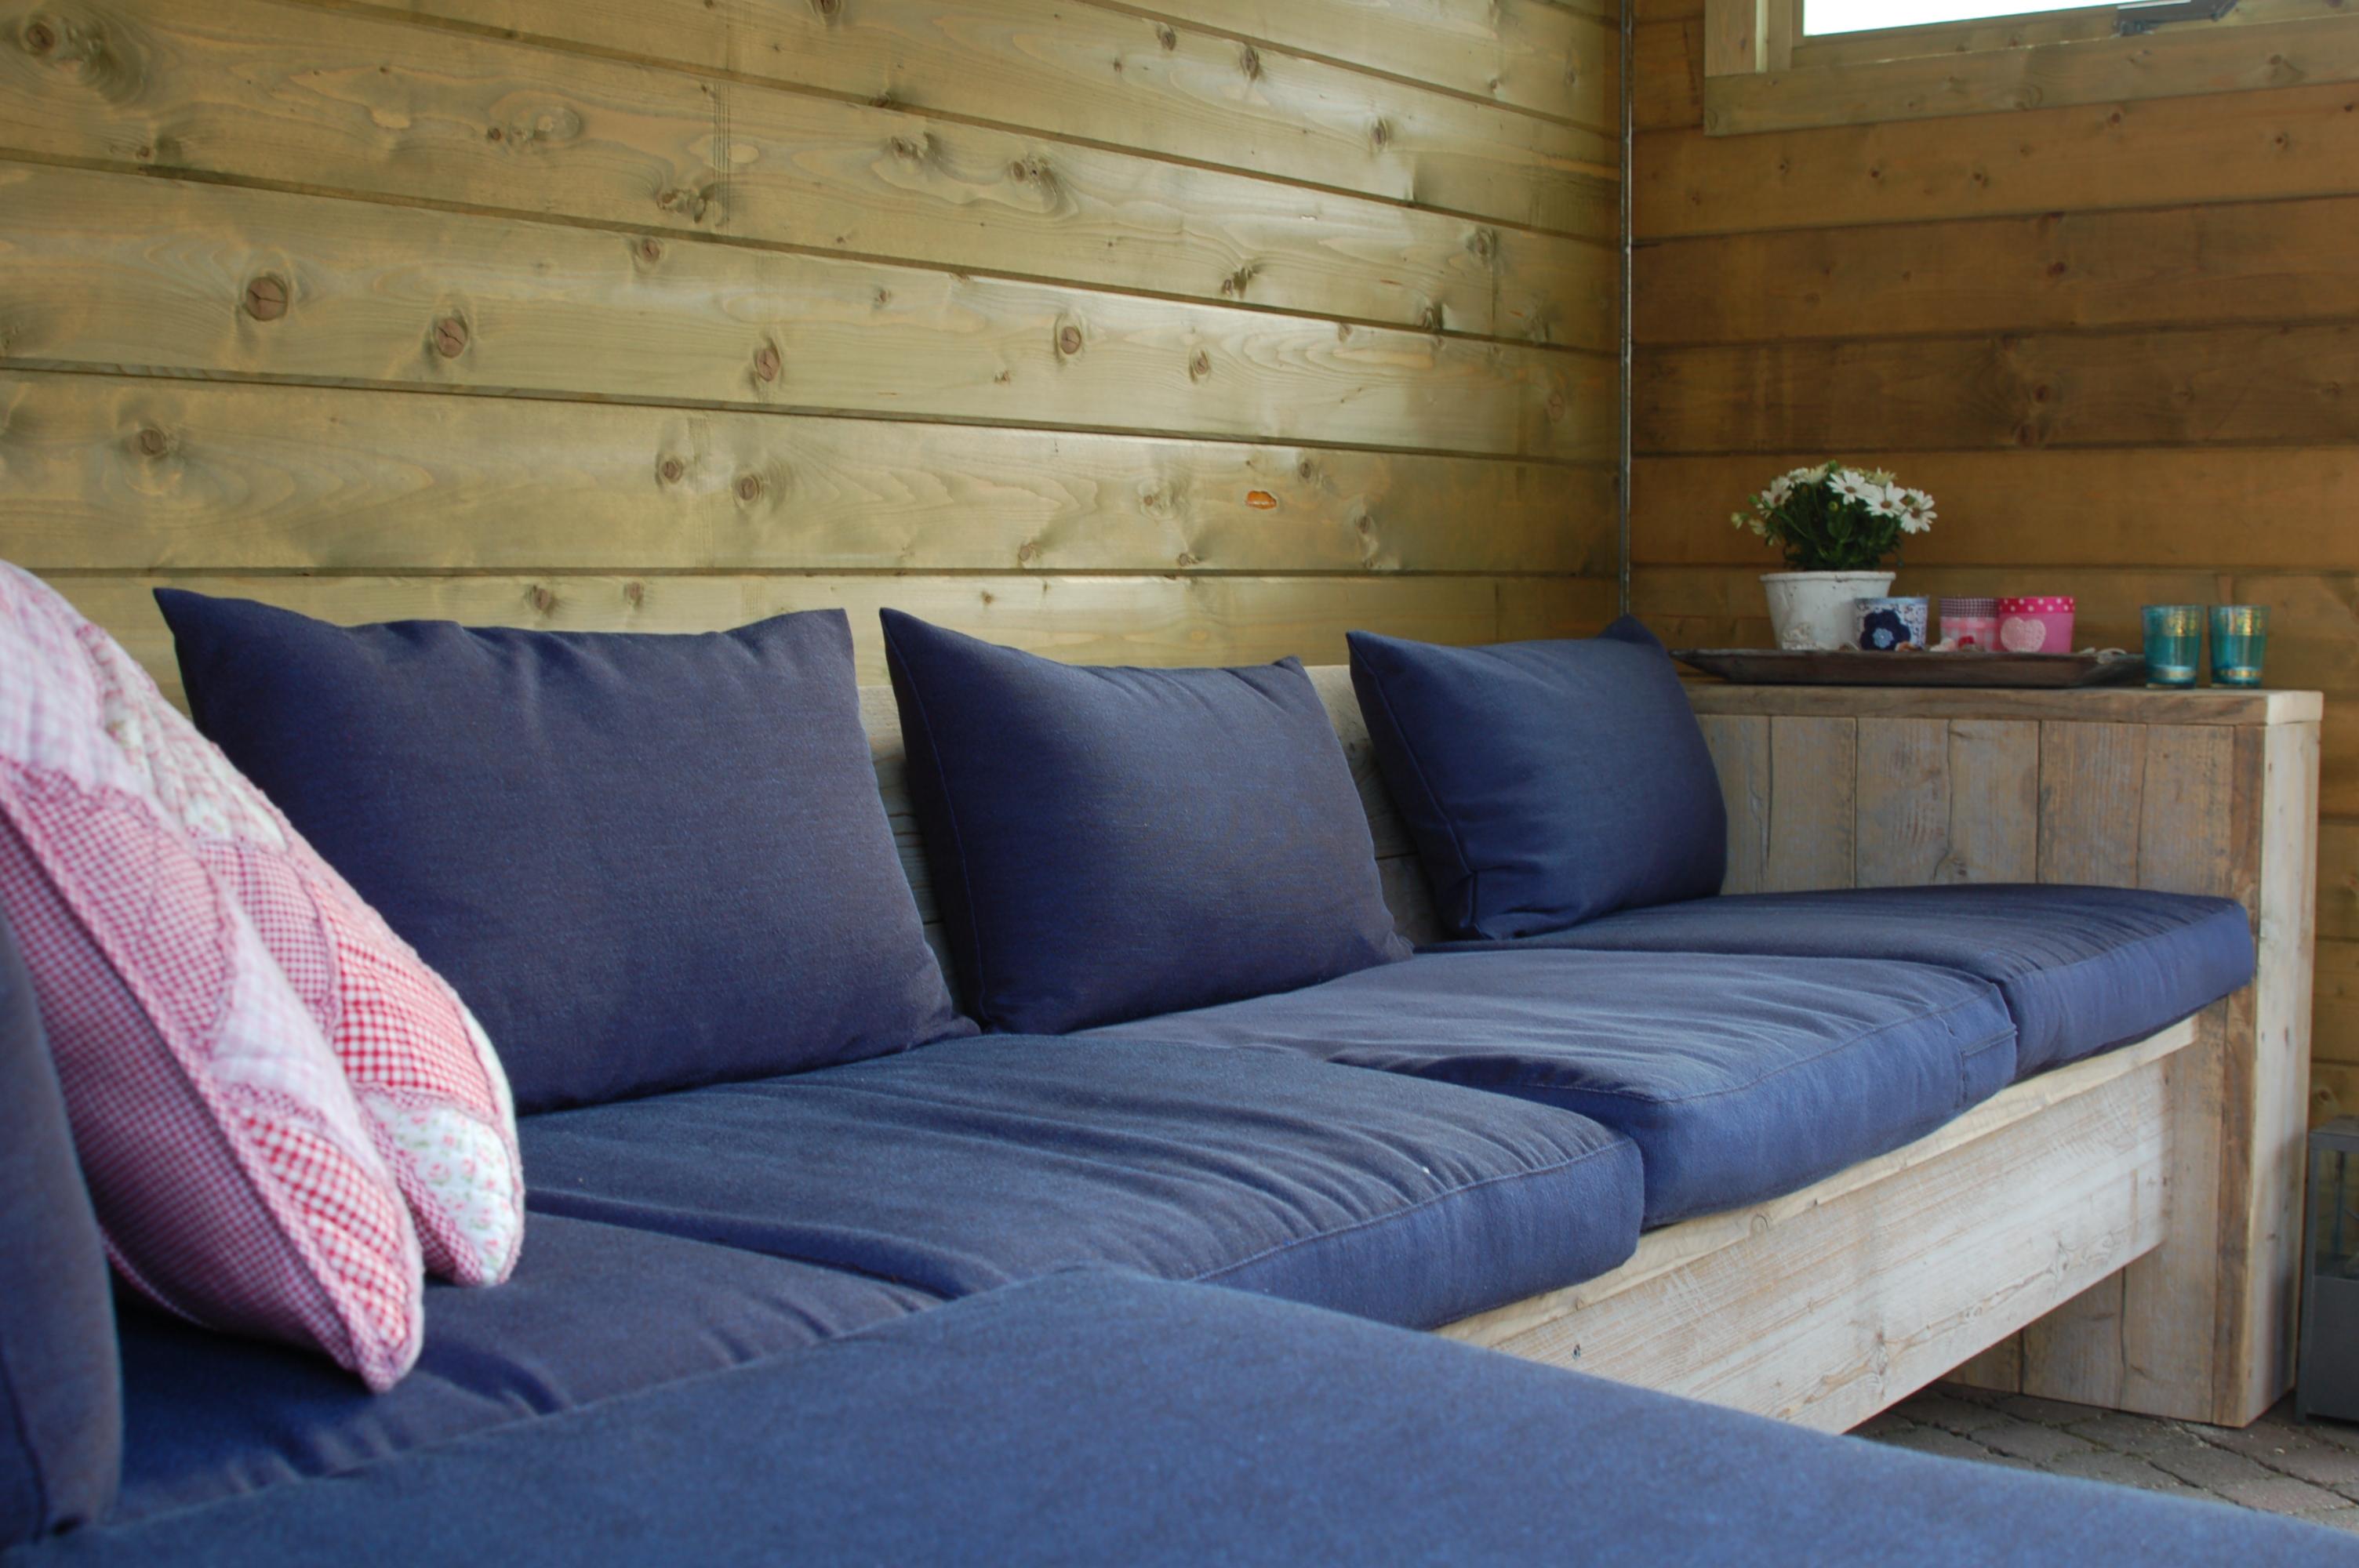 Kussens loungeset zelf maken good daybed kussen zelf maken with